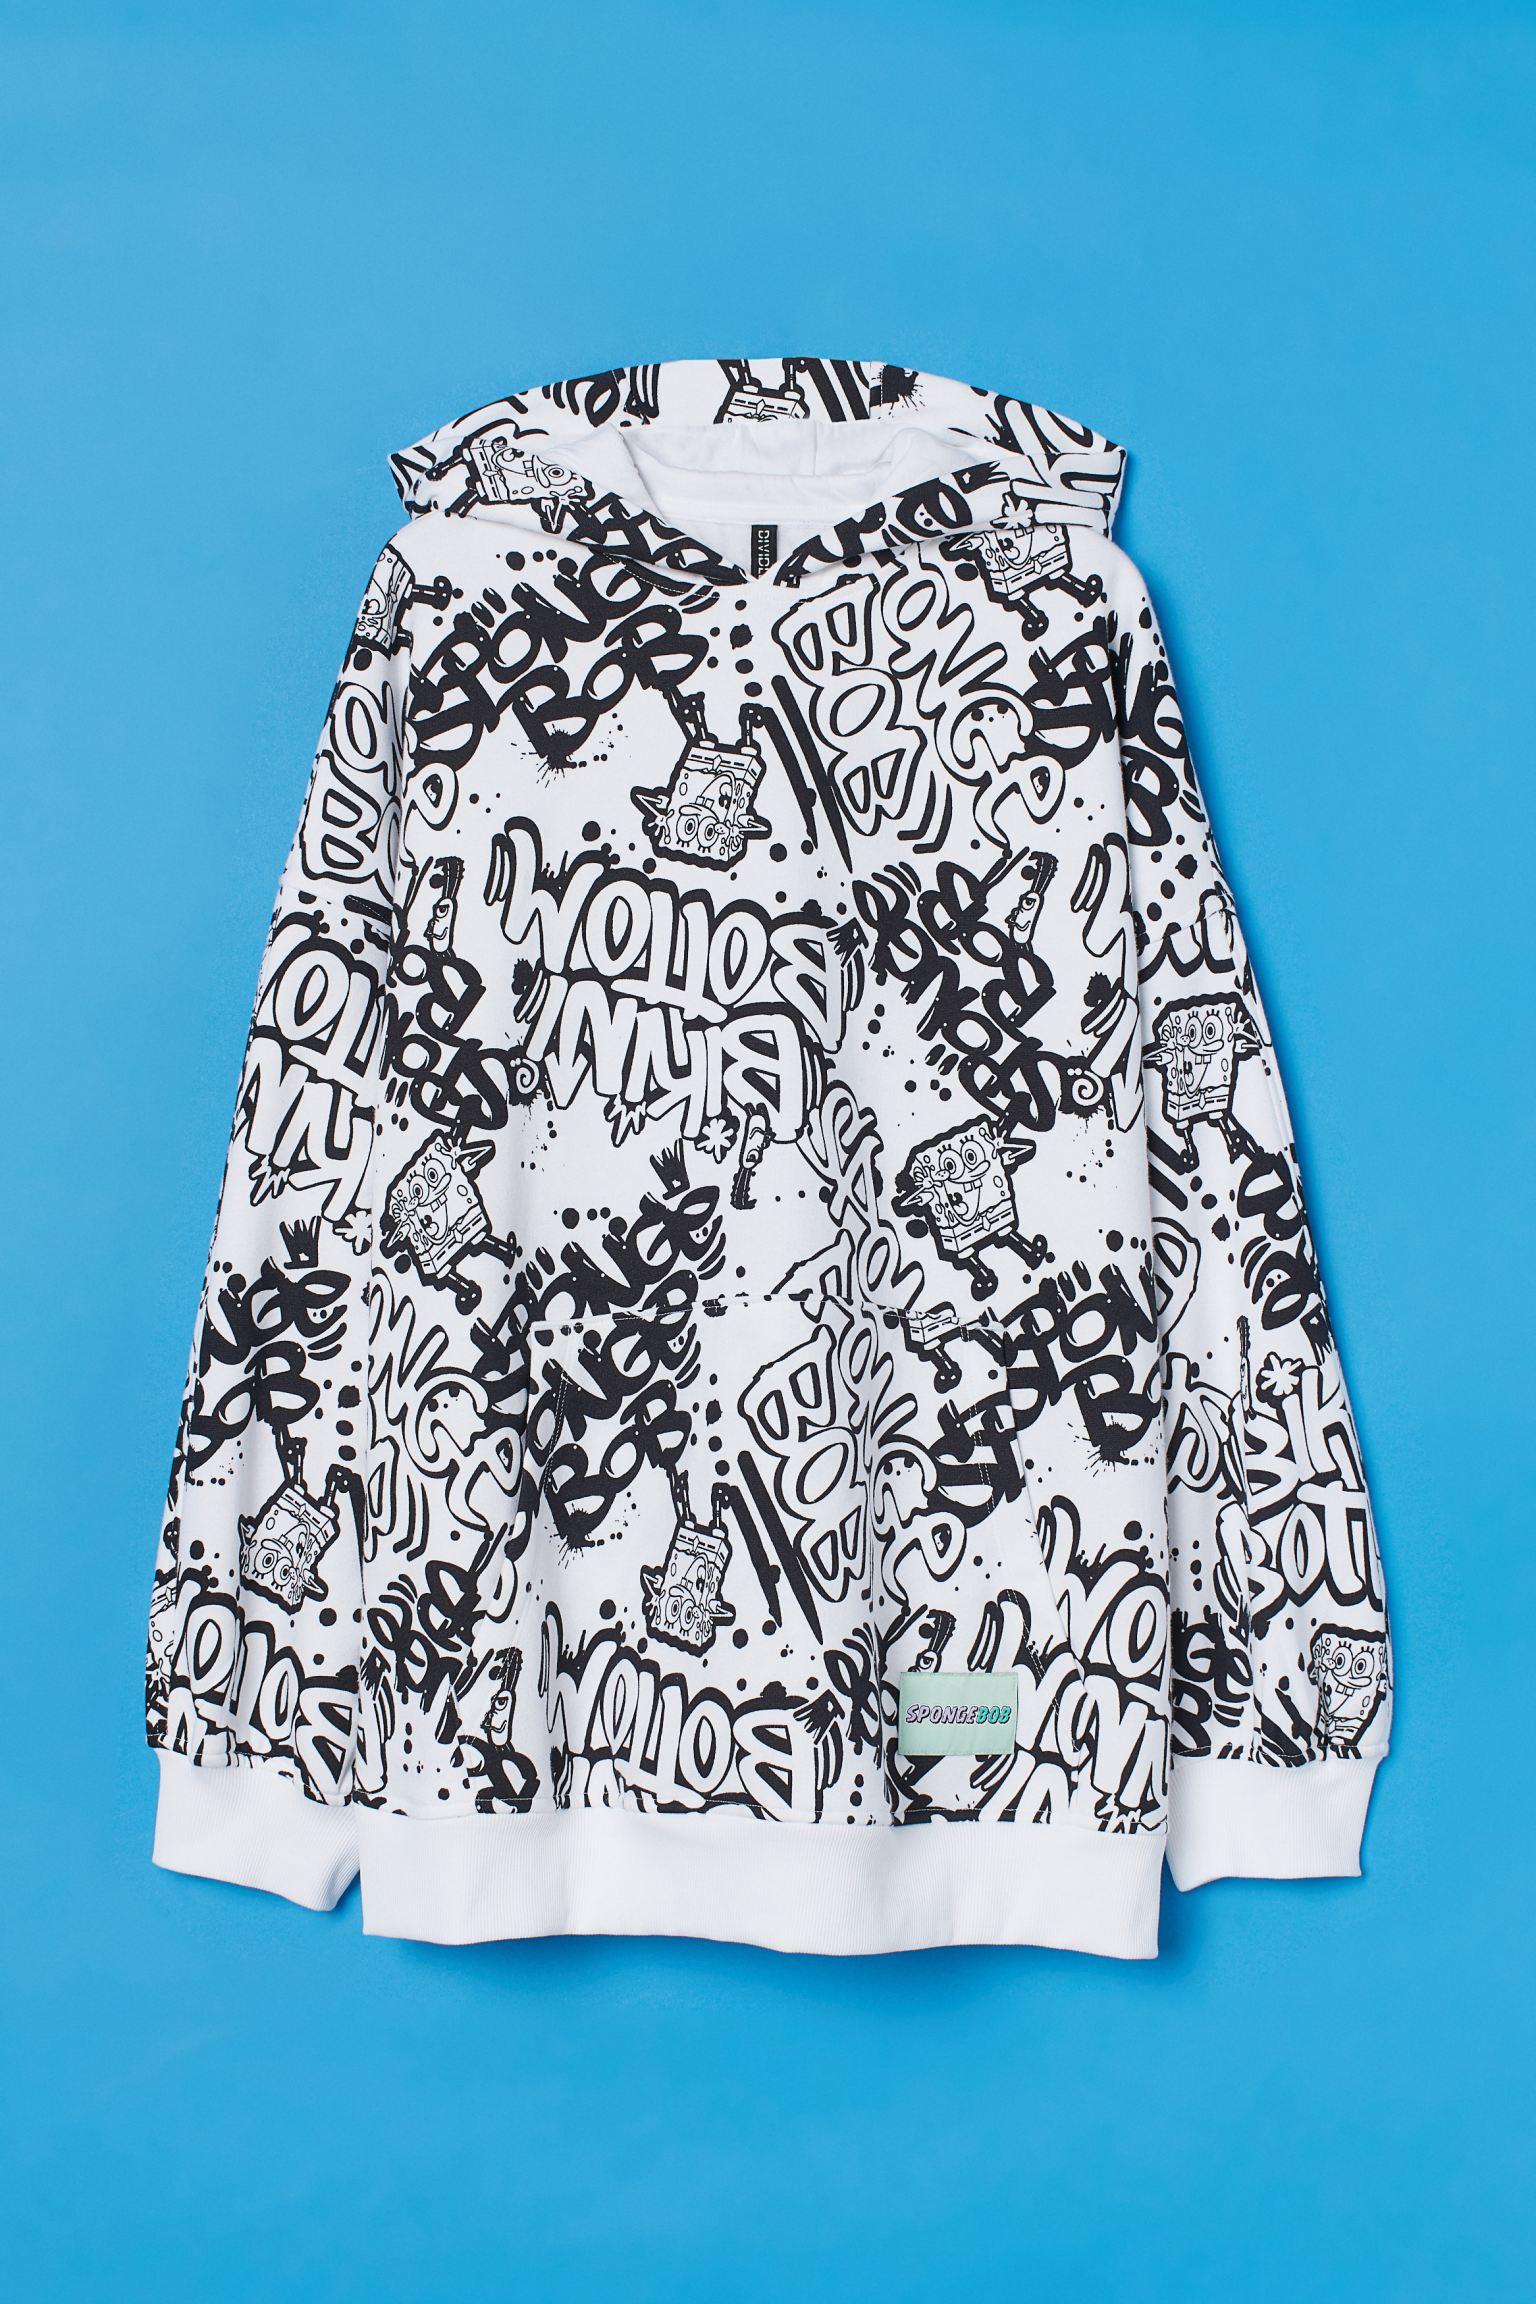 Sudadera oversize con capucha forrada y motivo estampado delante. Hombros marcadamente caídos, bolsillo canguro y remate elástico de canalé en puños y bajo.